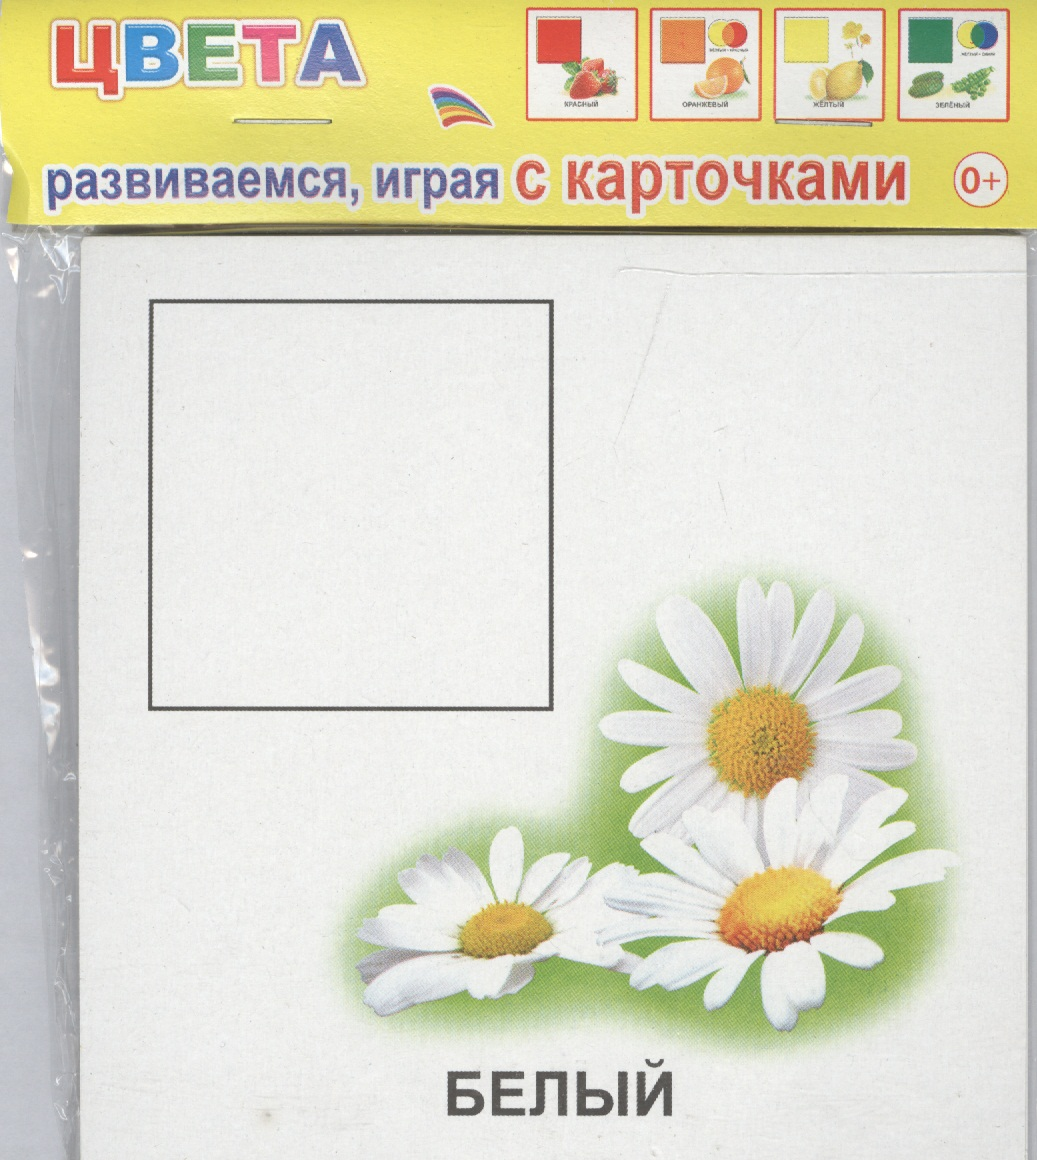 Обучающие карточки. Цвета улыбка обучающие карточки деревья россии